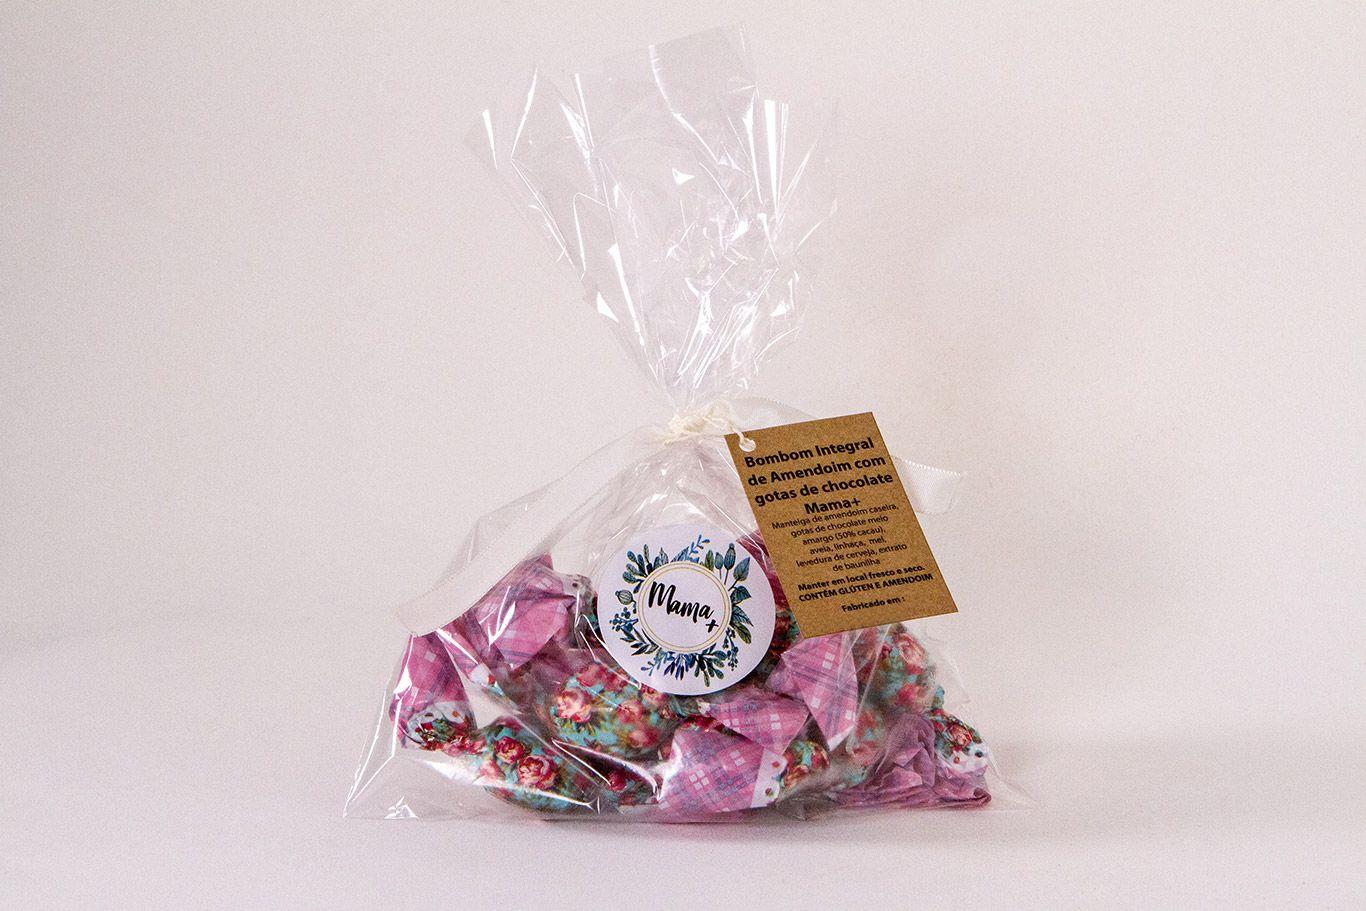 Bombom Integral de Amendoim Mama+ Edição Especial com Gotas de Chocolate